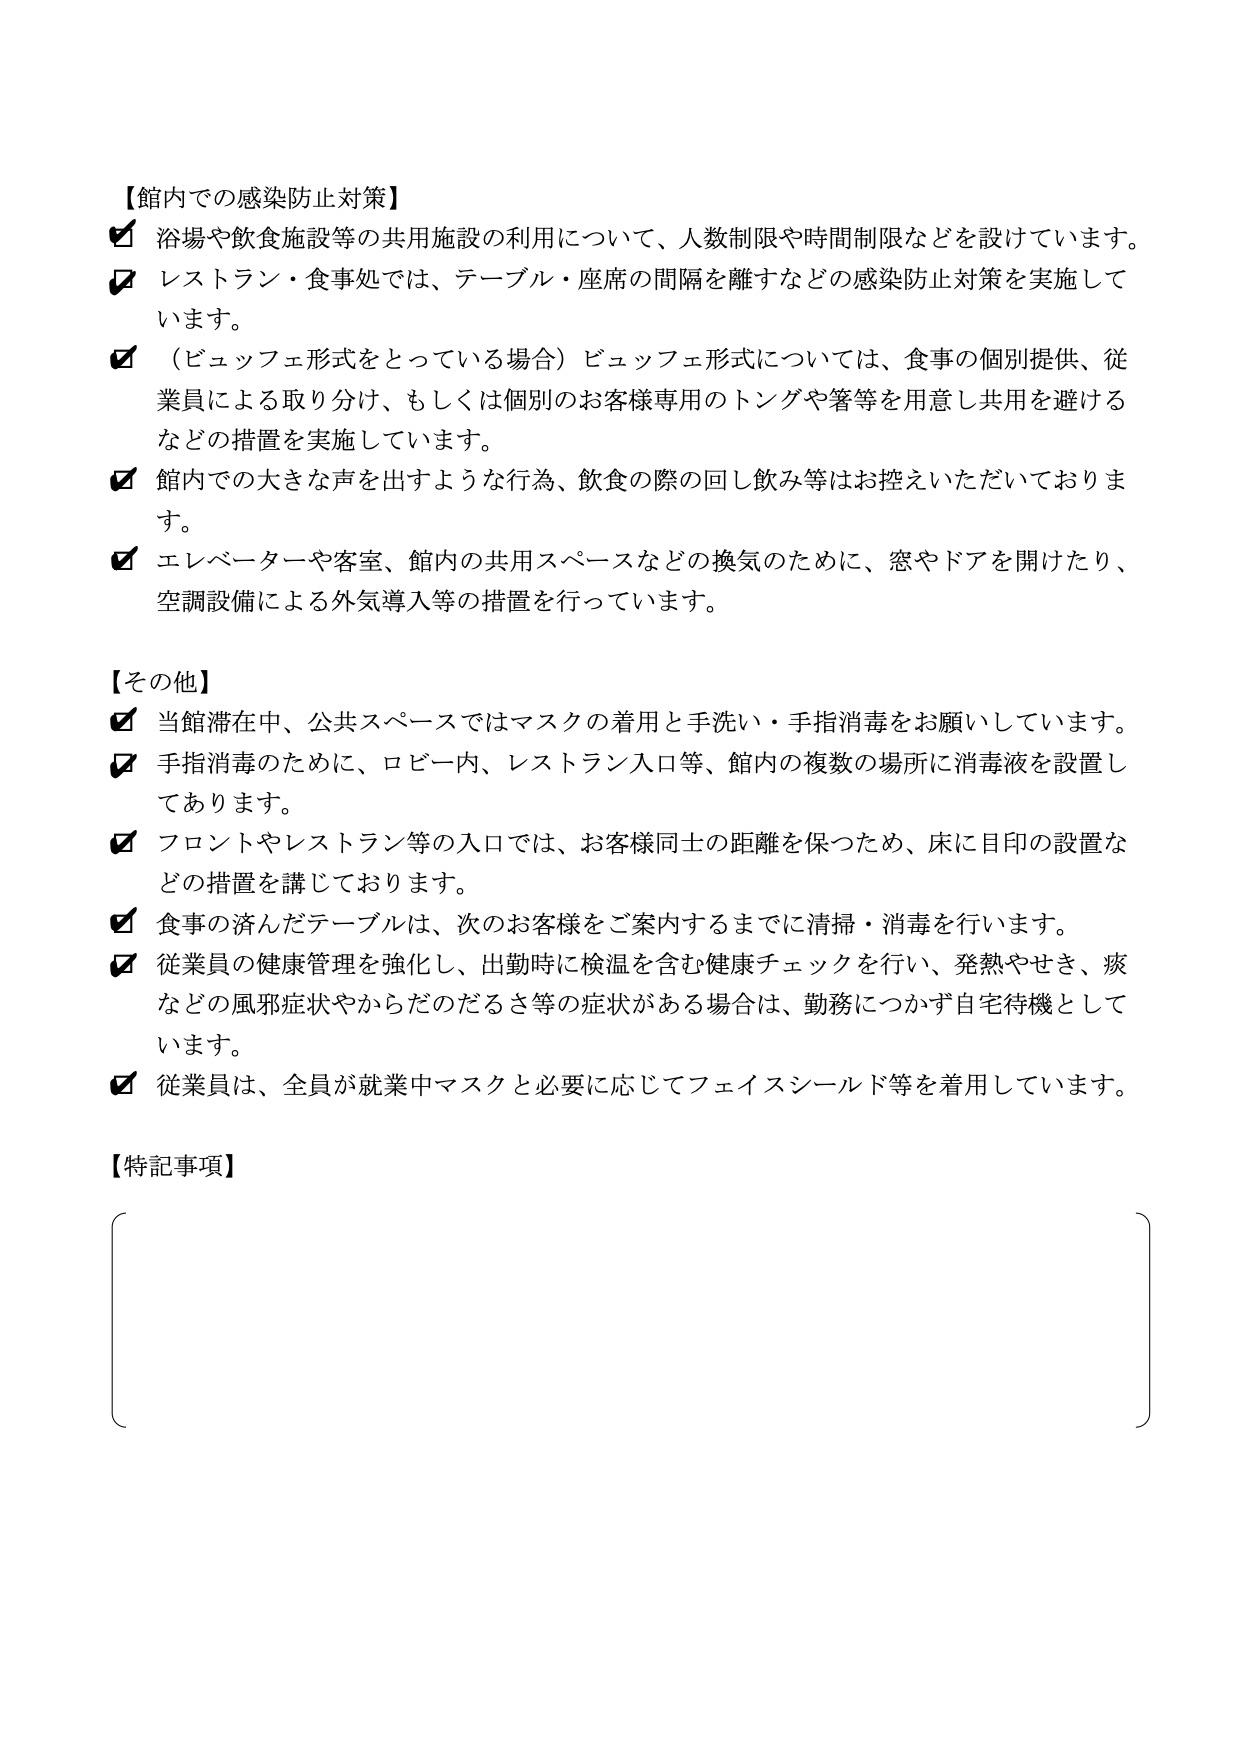 200808_checklist_shukuhaku